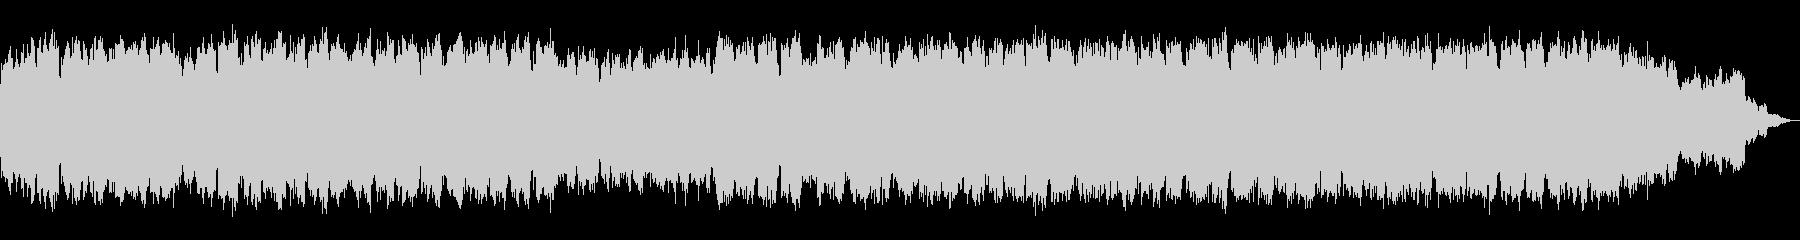 静かなシンセサイザーと笛の即興のBGMの未再生の波形